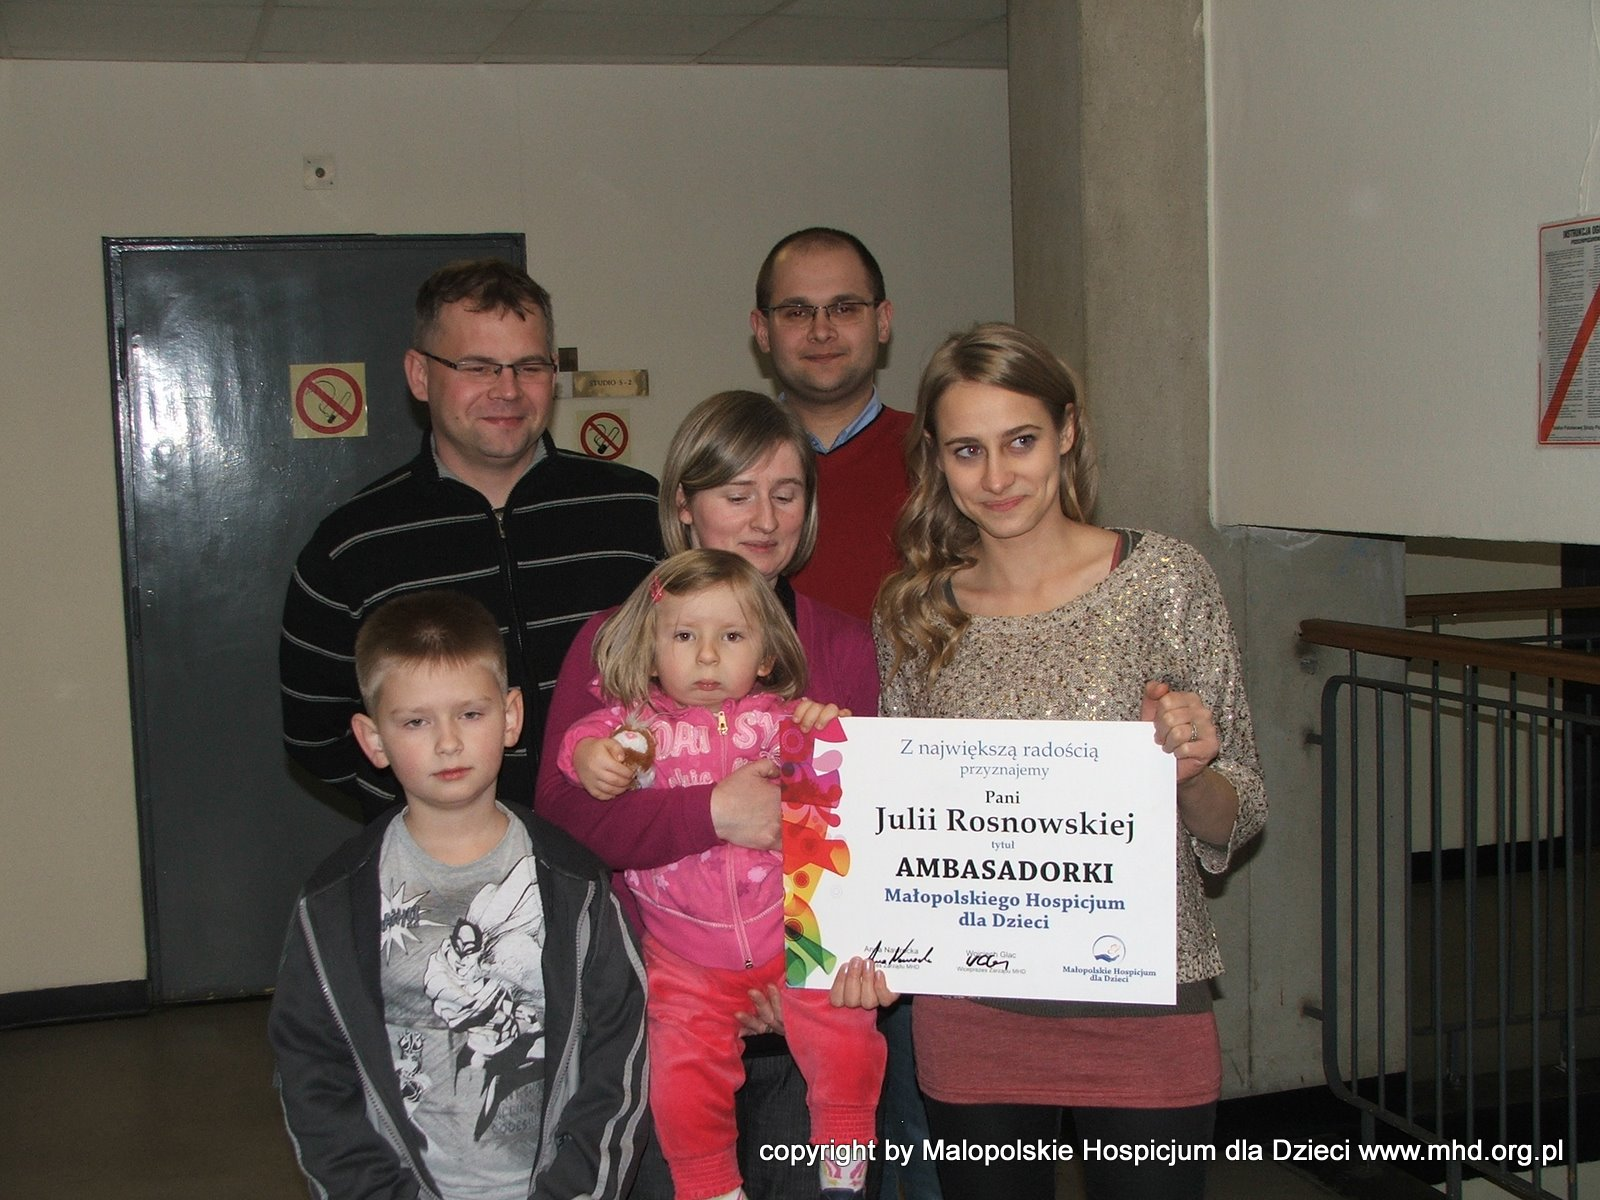 Julia Rosnowska wraz z naszą Gabrysią wystąpiły w spocie promującym kampanię Pomóż Budować.  Julia dołączyła do grona Ambasadorów MHD